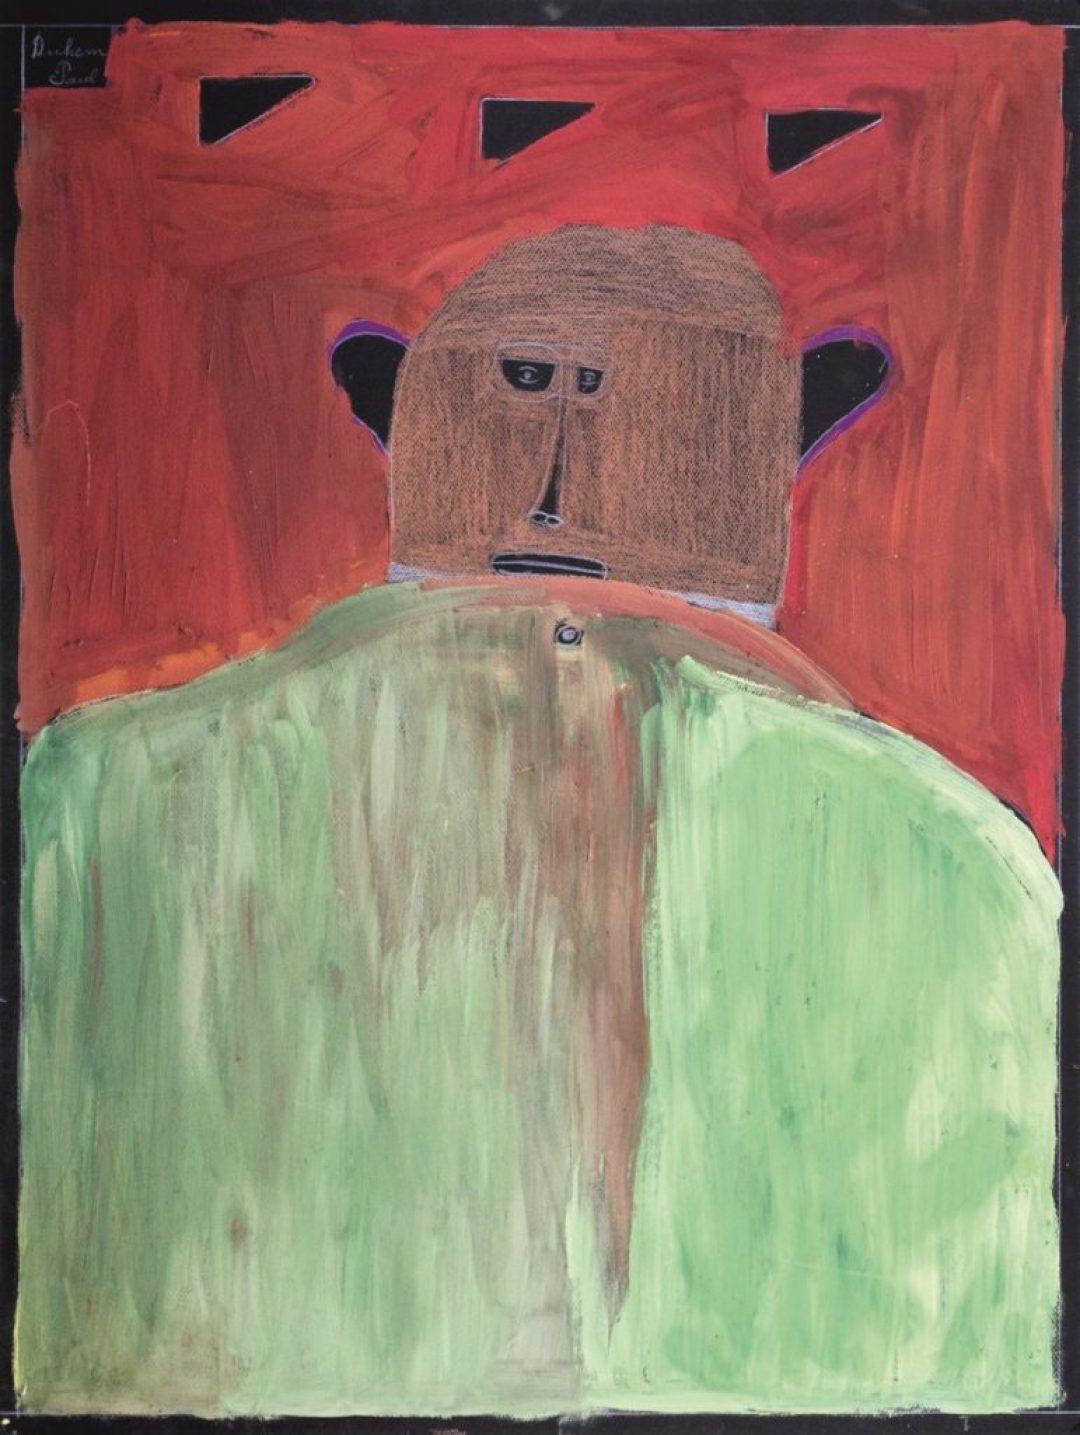 Paul Duhem, sans titre, 1999, crayon de couleur et peinture à l'huile sur papier, 65 x 50 cm